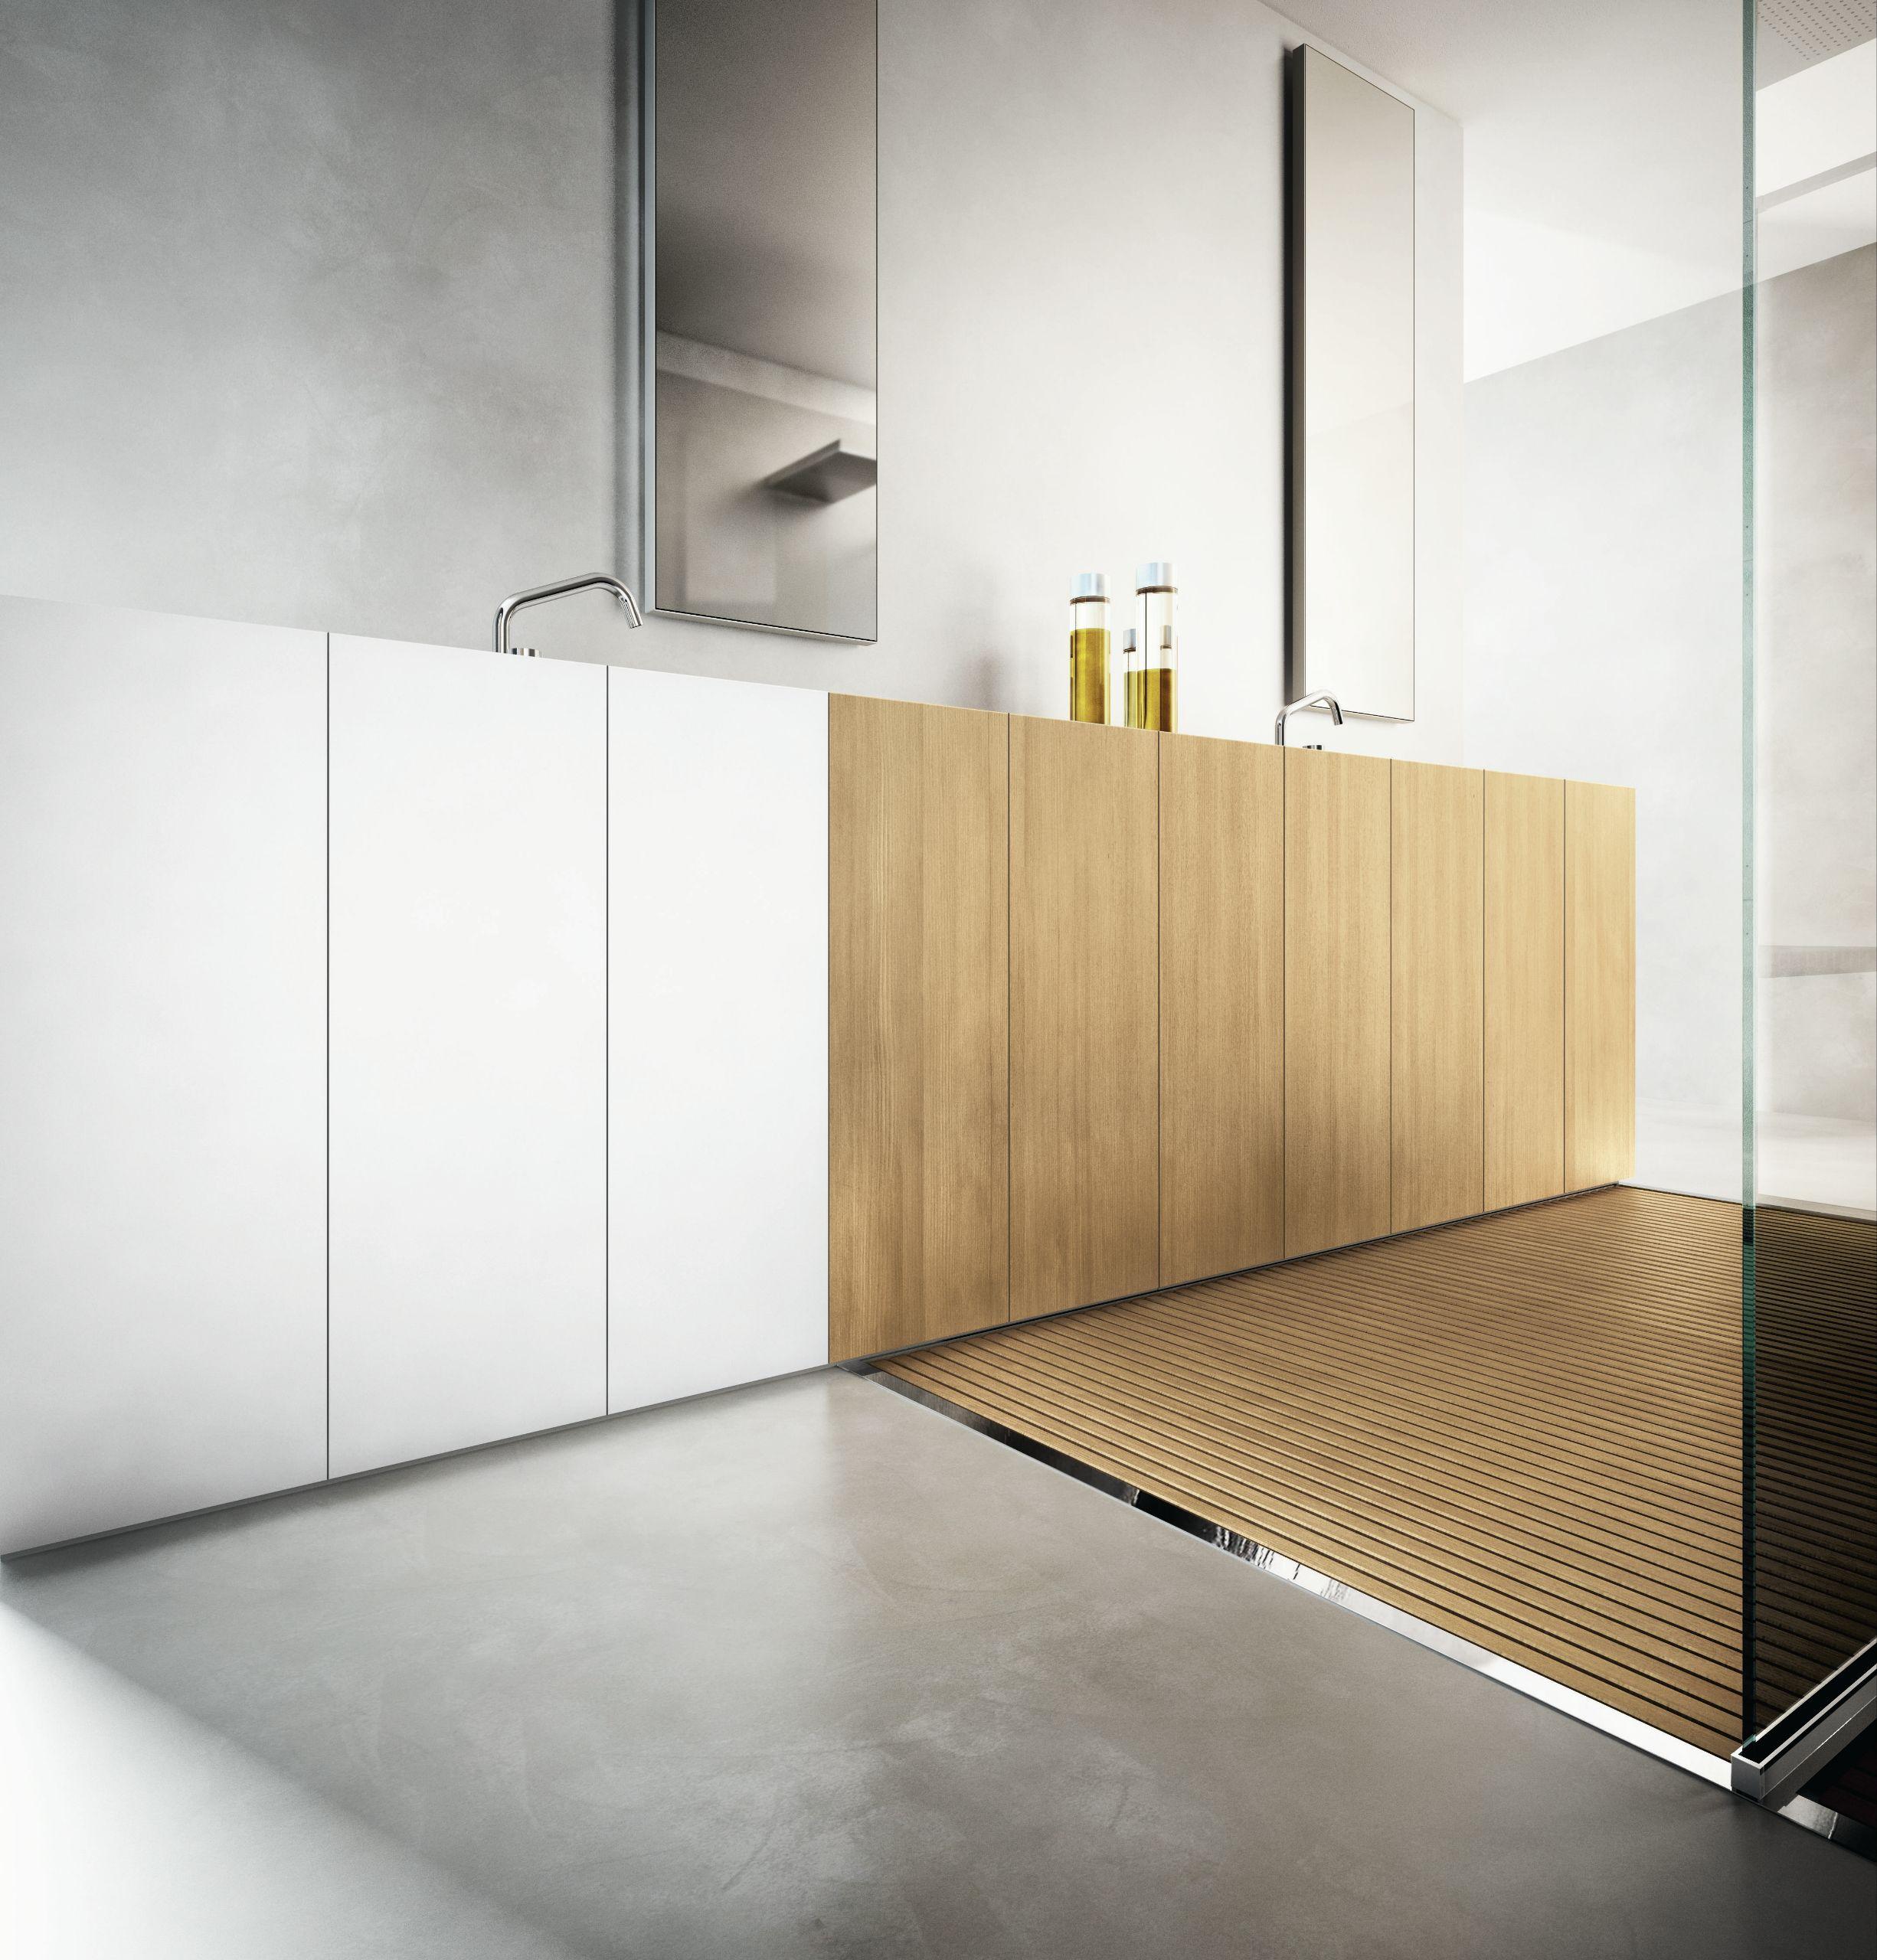 Salle de bains compl te bacs douche lavabo open space 01 for Ajax gel salle de bain